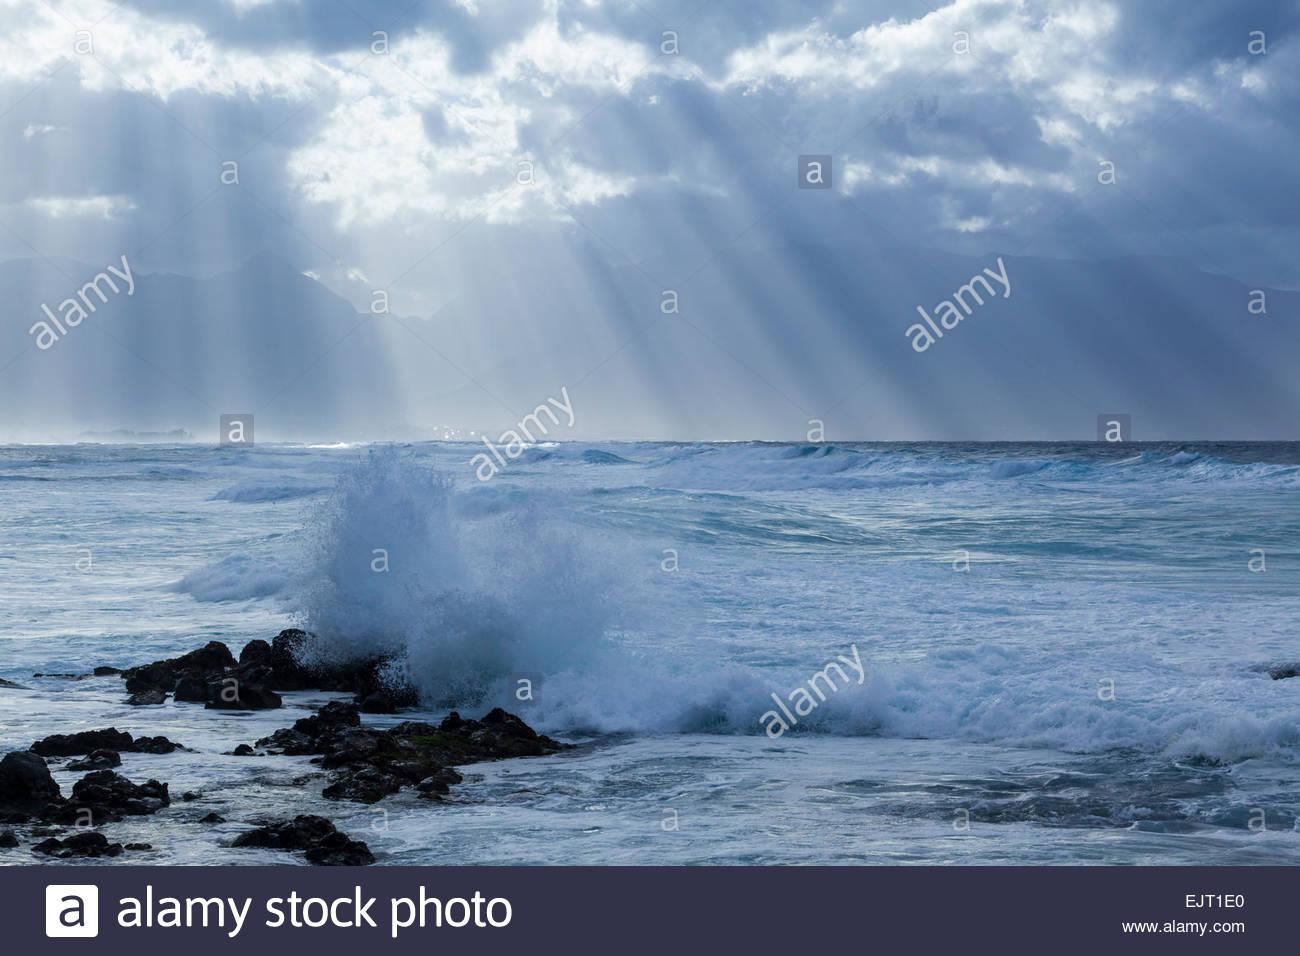 Raggi crepuscolari, stratocumulus nuvole e surf a Hookipa Bay sull'isola di Maui nello stato delle Hawaii USA Immagini Stock